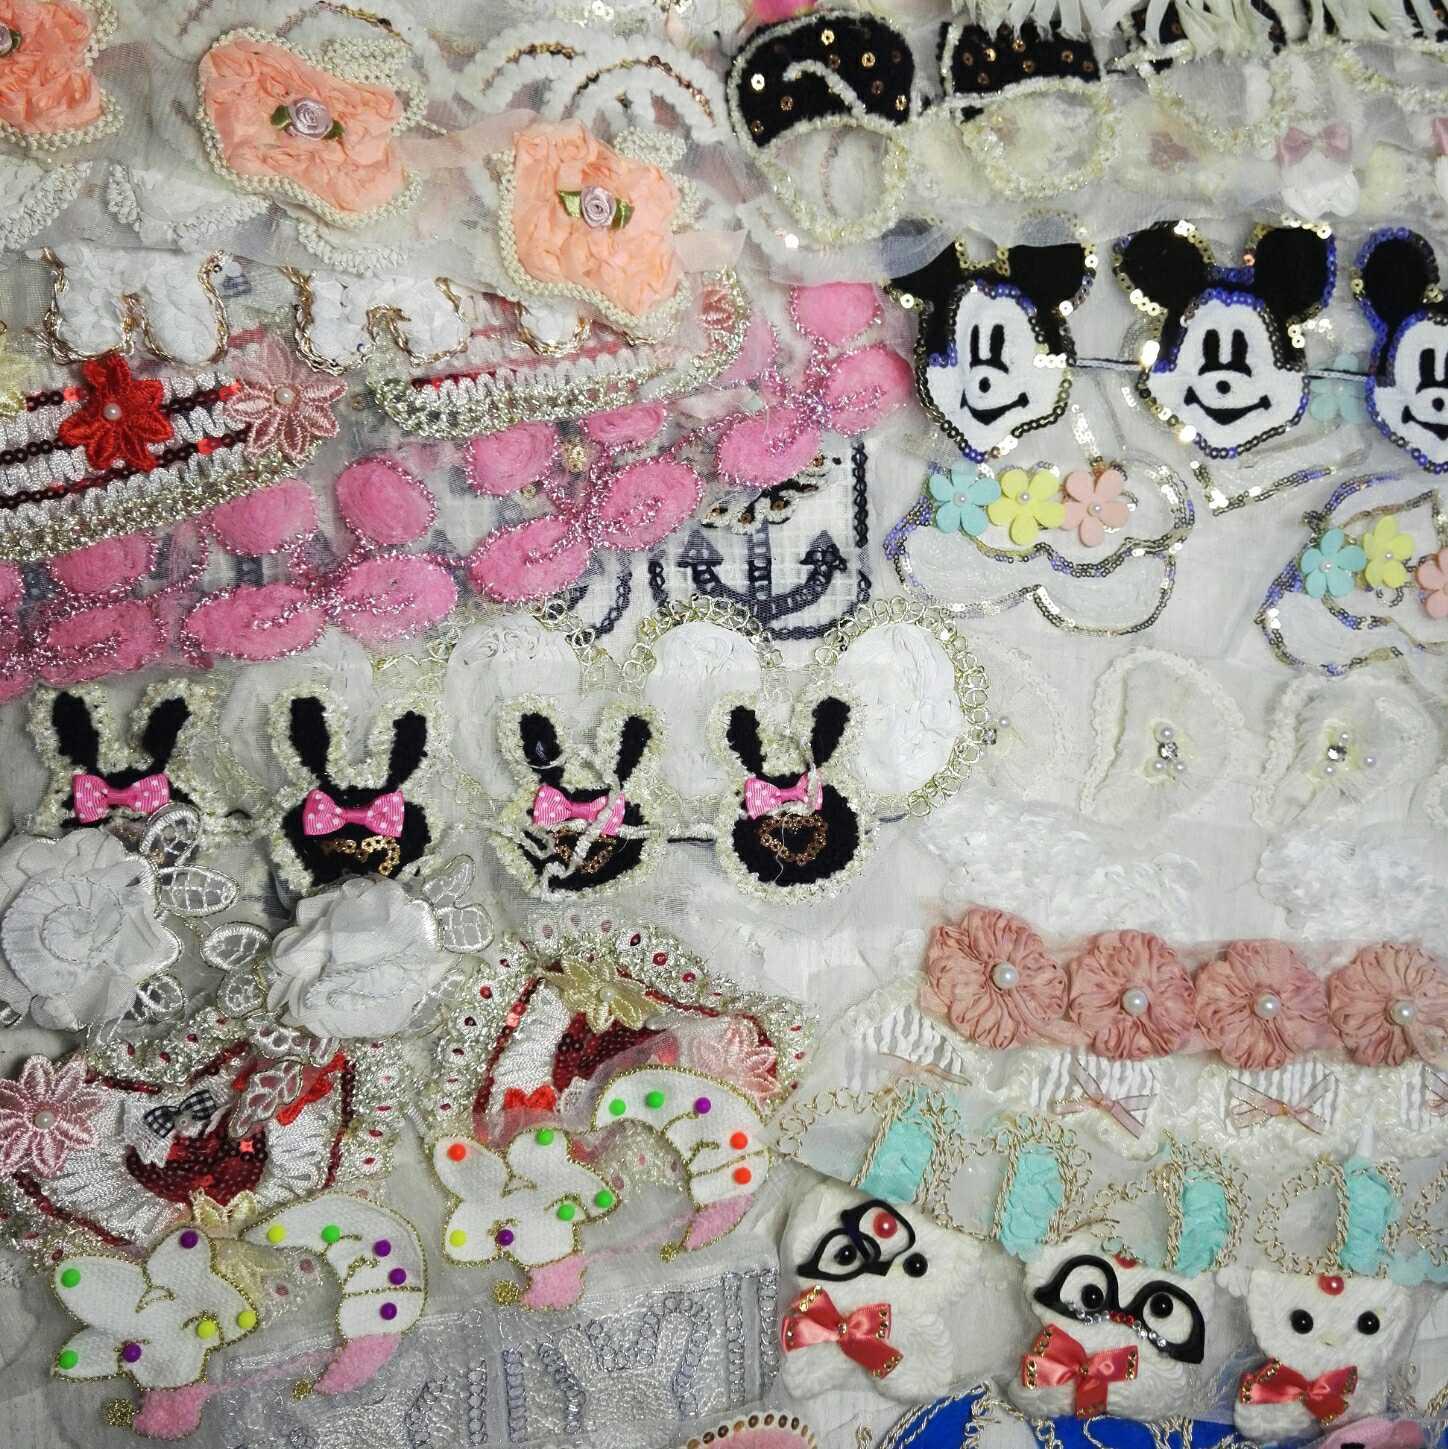 网纱毛线钉珠刺绣蕾丝可爱卡通小布贴称斤处理diy手工服饰辅料